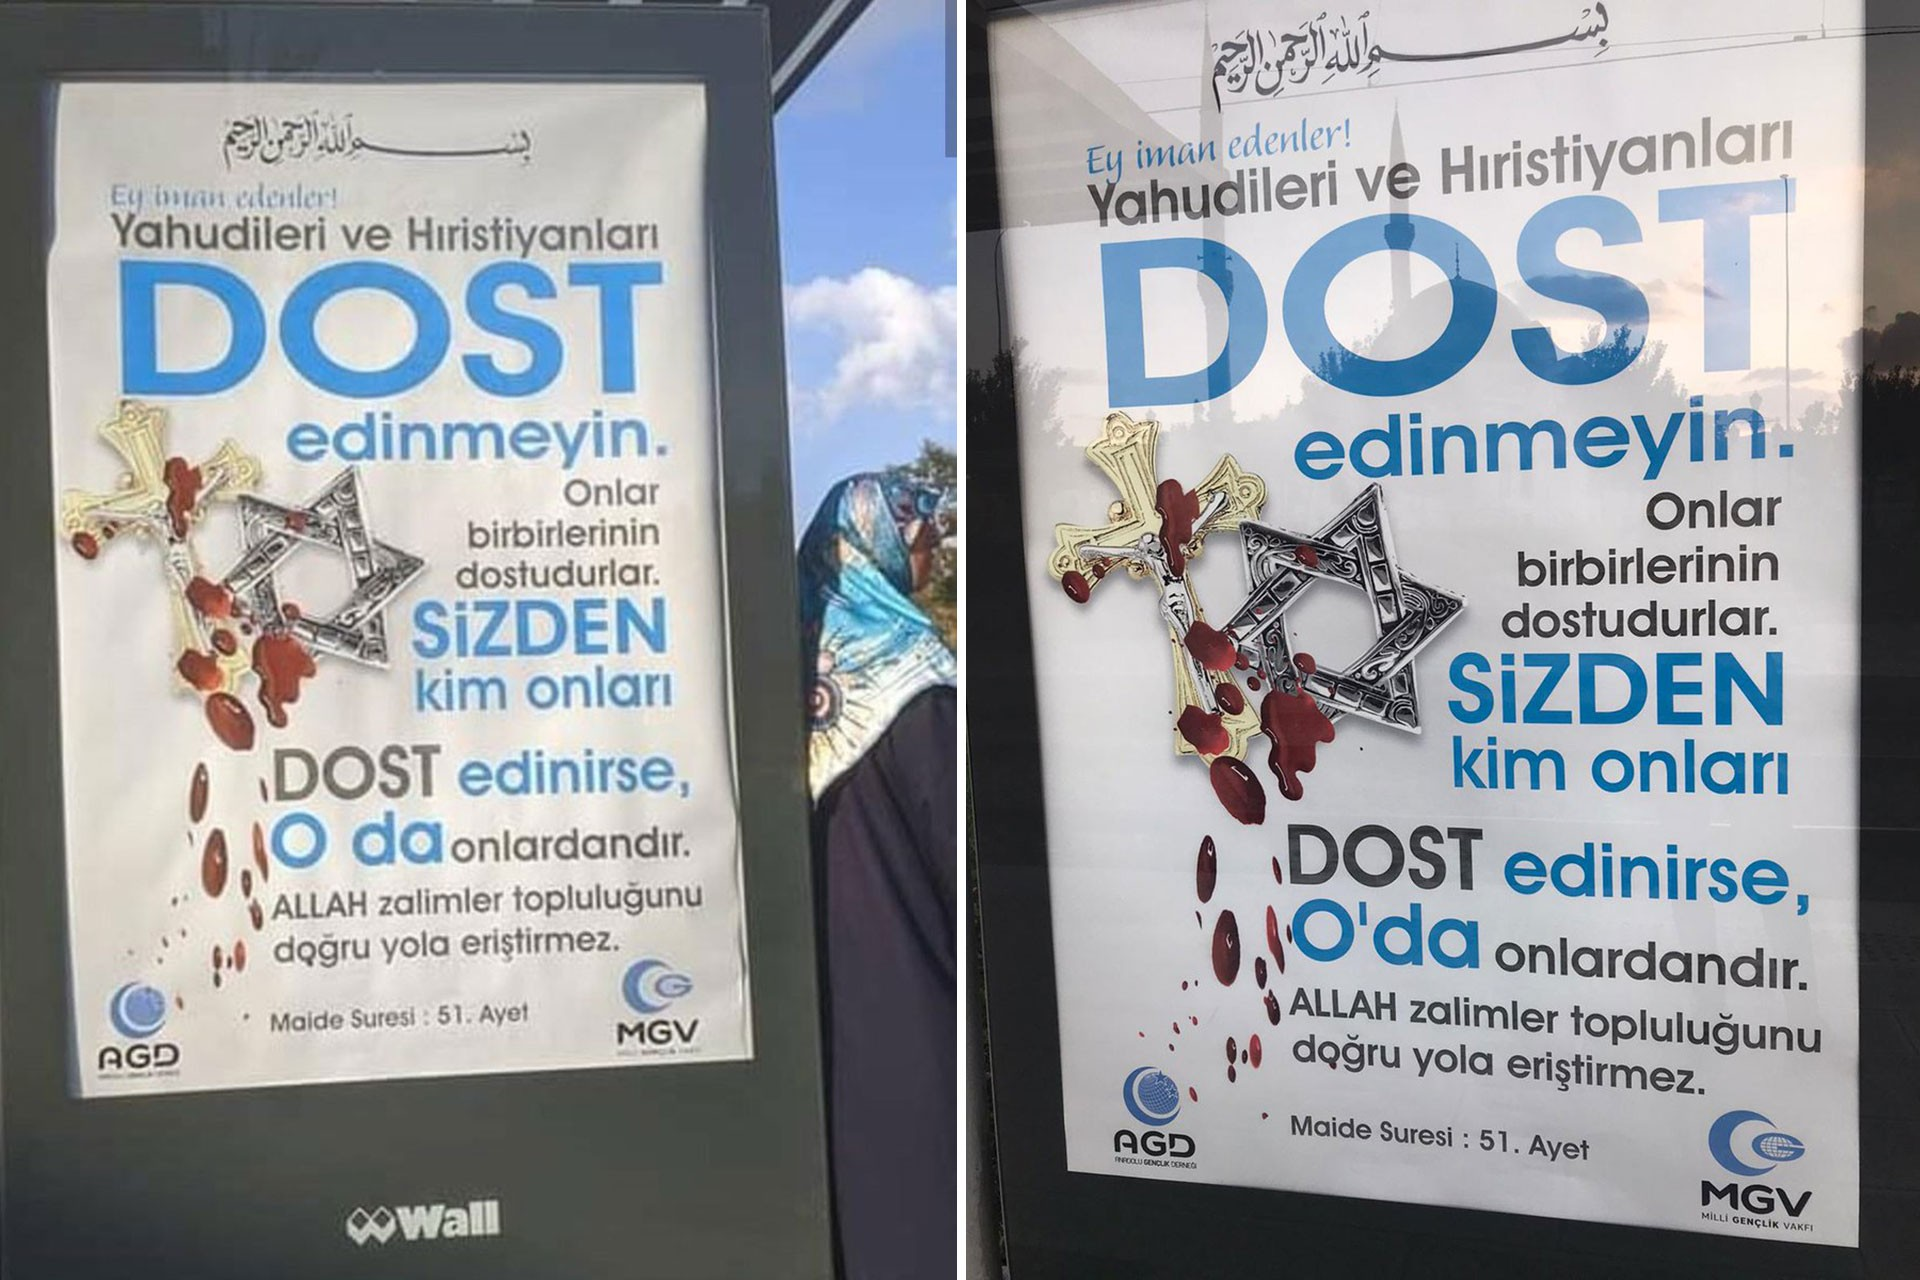 'Yahudileri ve Hristiyanları dost edinmeyin' afişleri kaldırıldı, Türk bayrağı asıldı